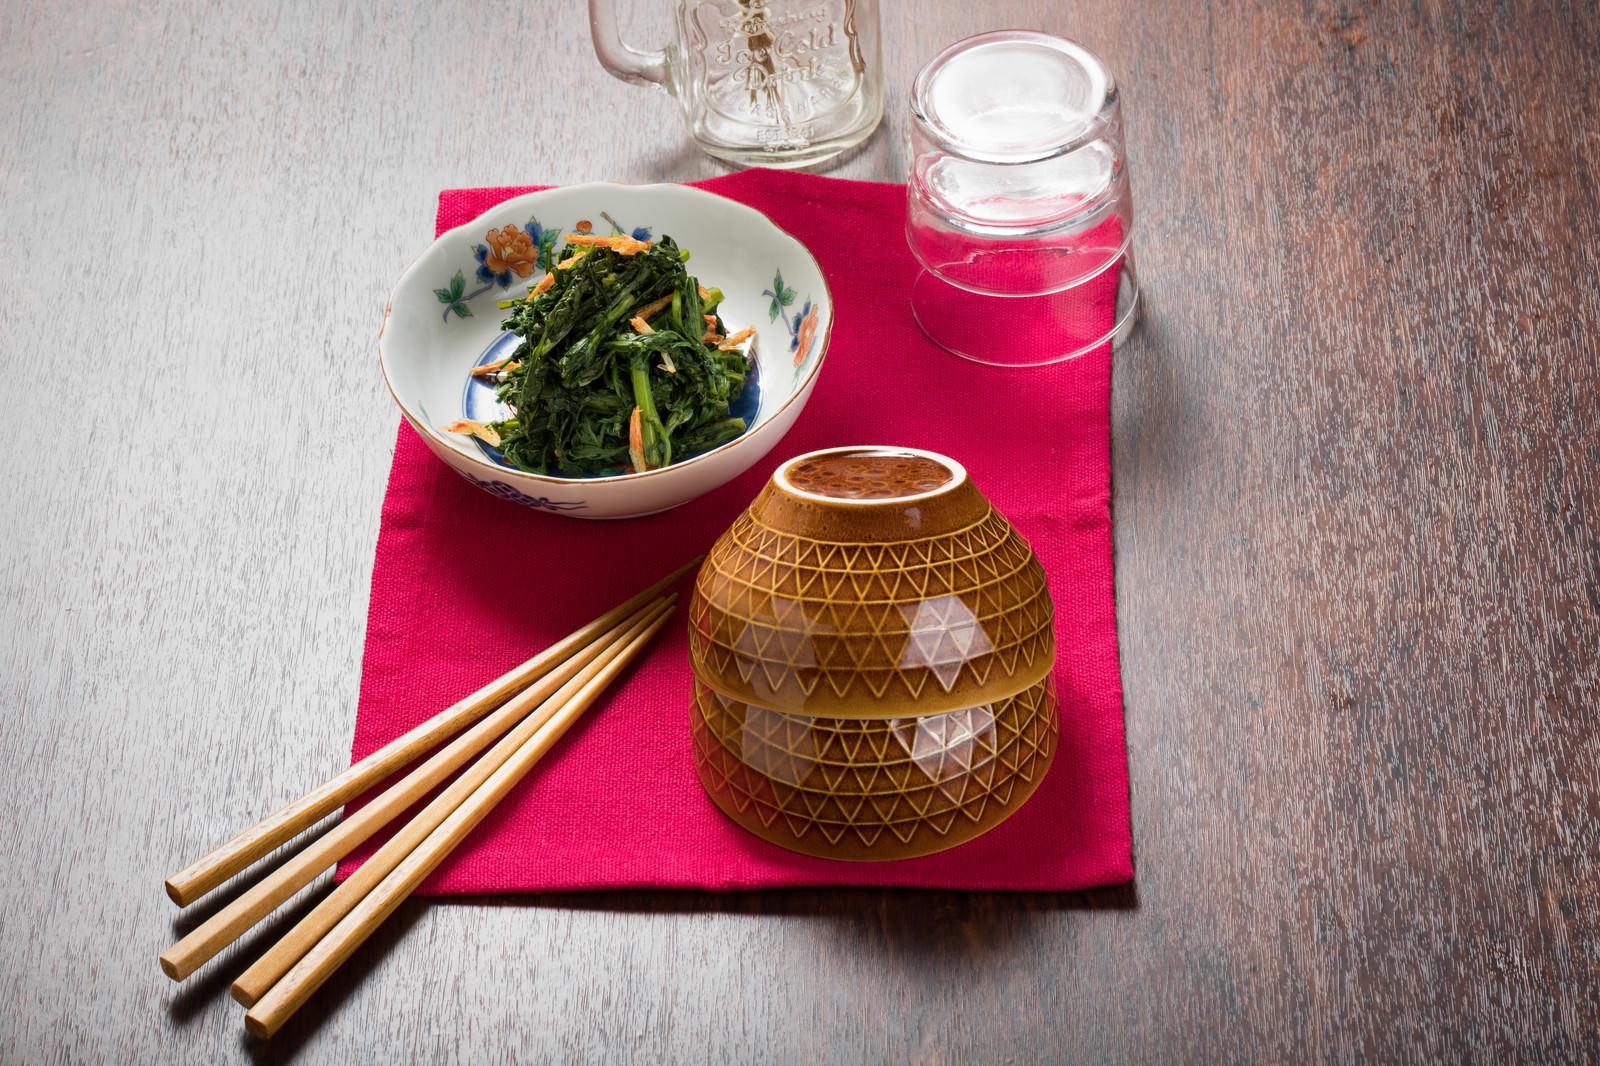 「ご飯にもよく合う春菊のナムルご飯にもよく合う春菊のナムル」のフリー写真素材を拡大